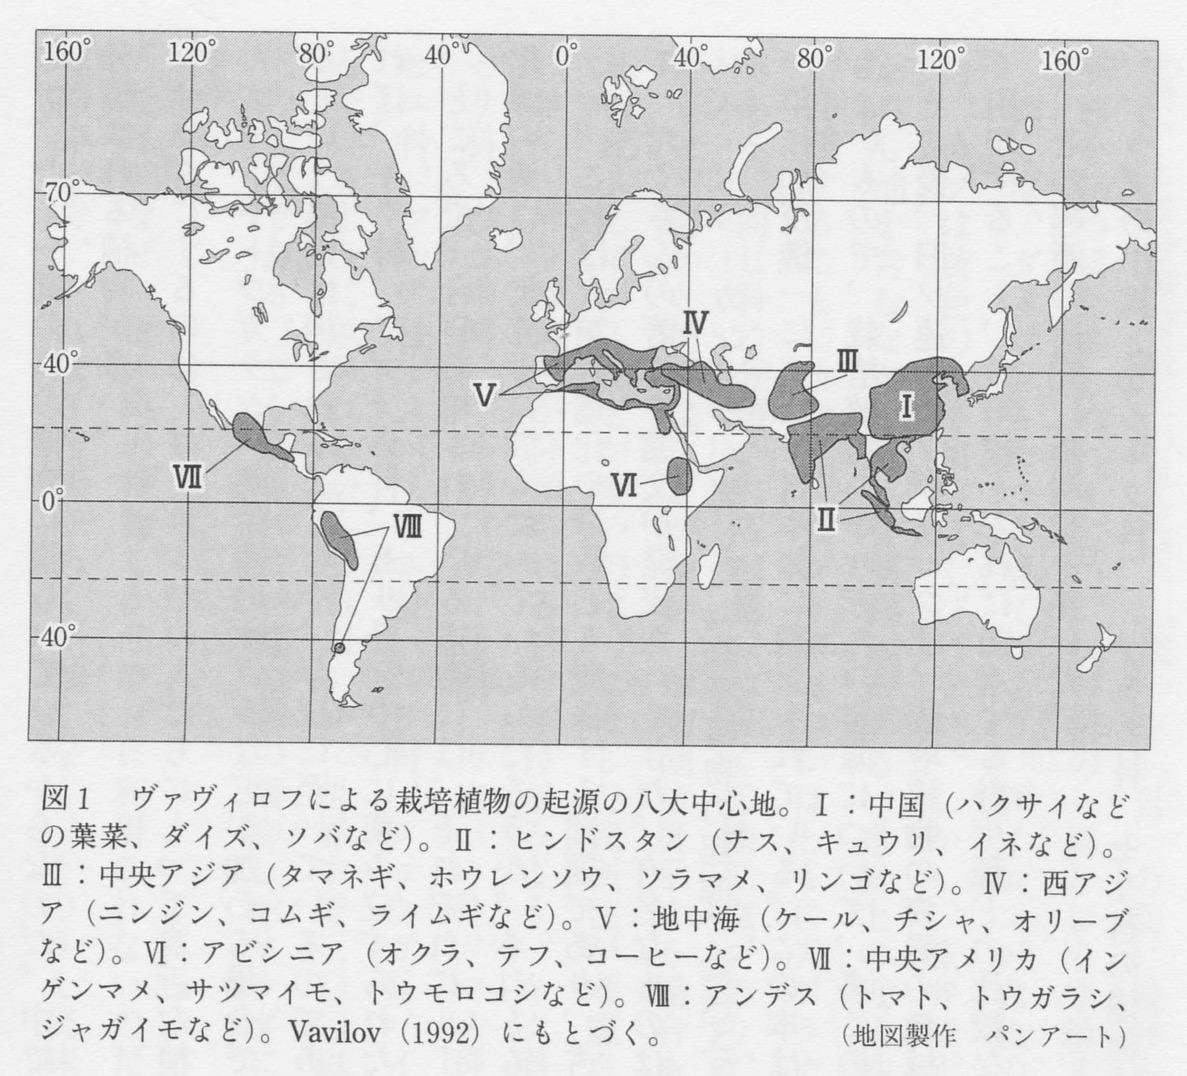 f:id:yashoku:20200810151059j:plain